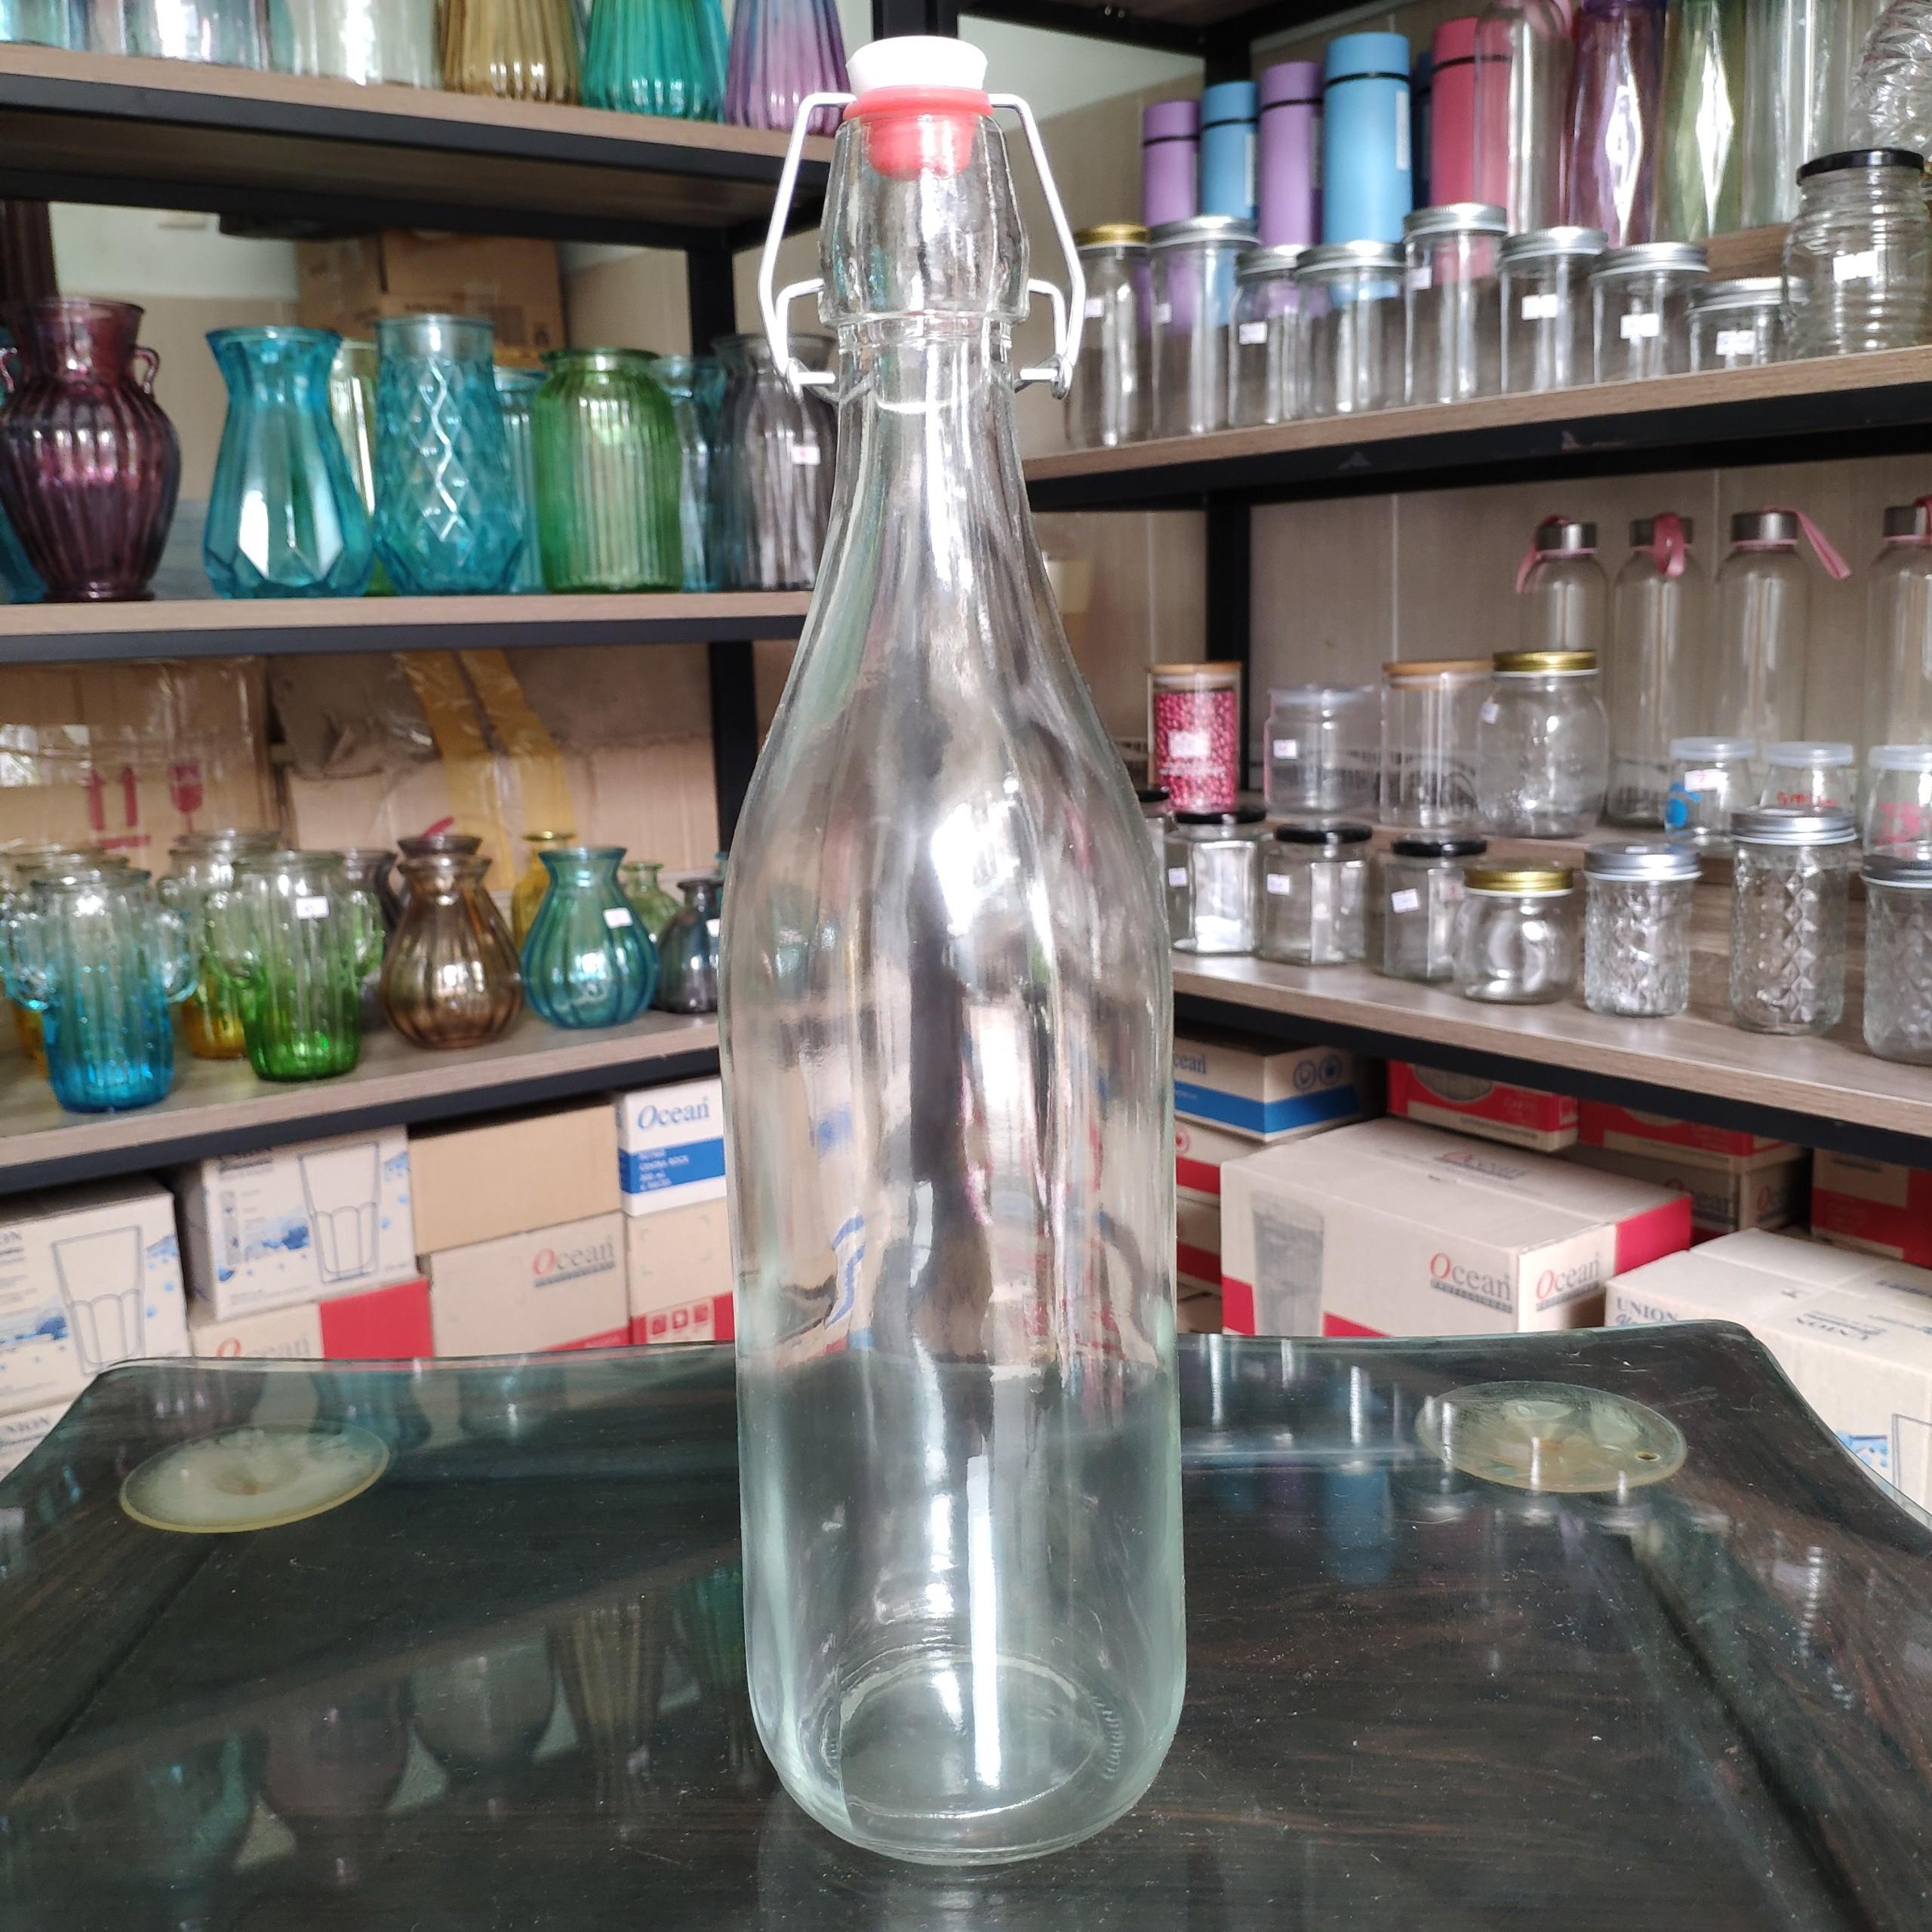 Chai thủy tinh gọng sắt nắp gài 1 lít, chai đựng nước